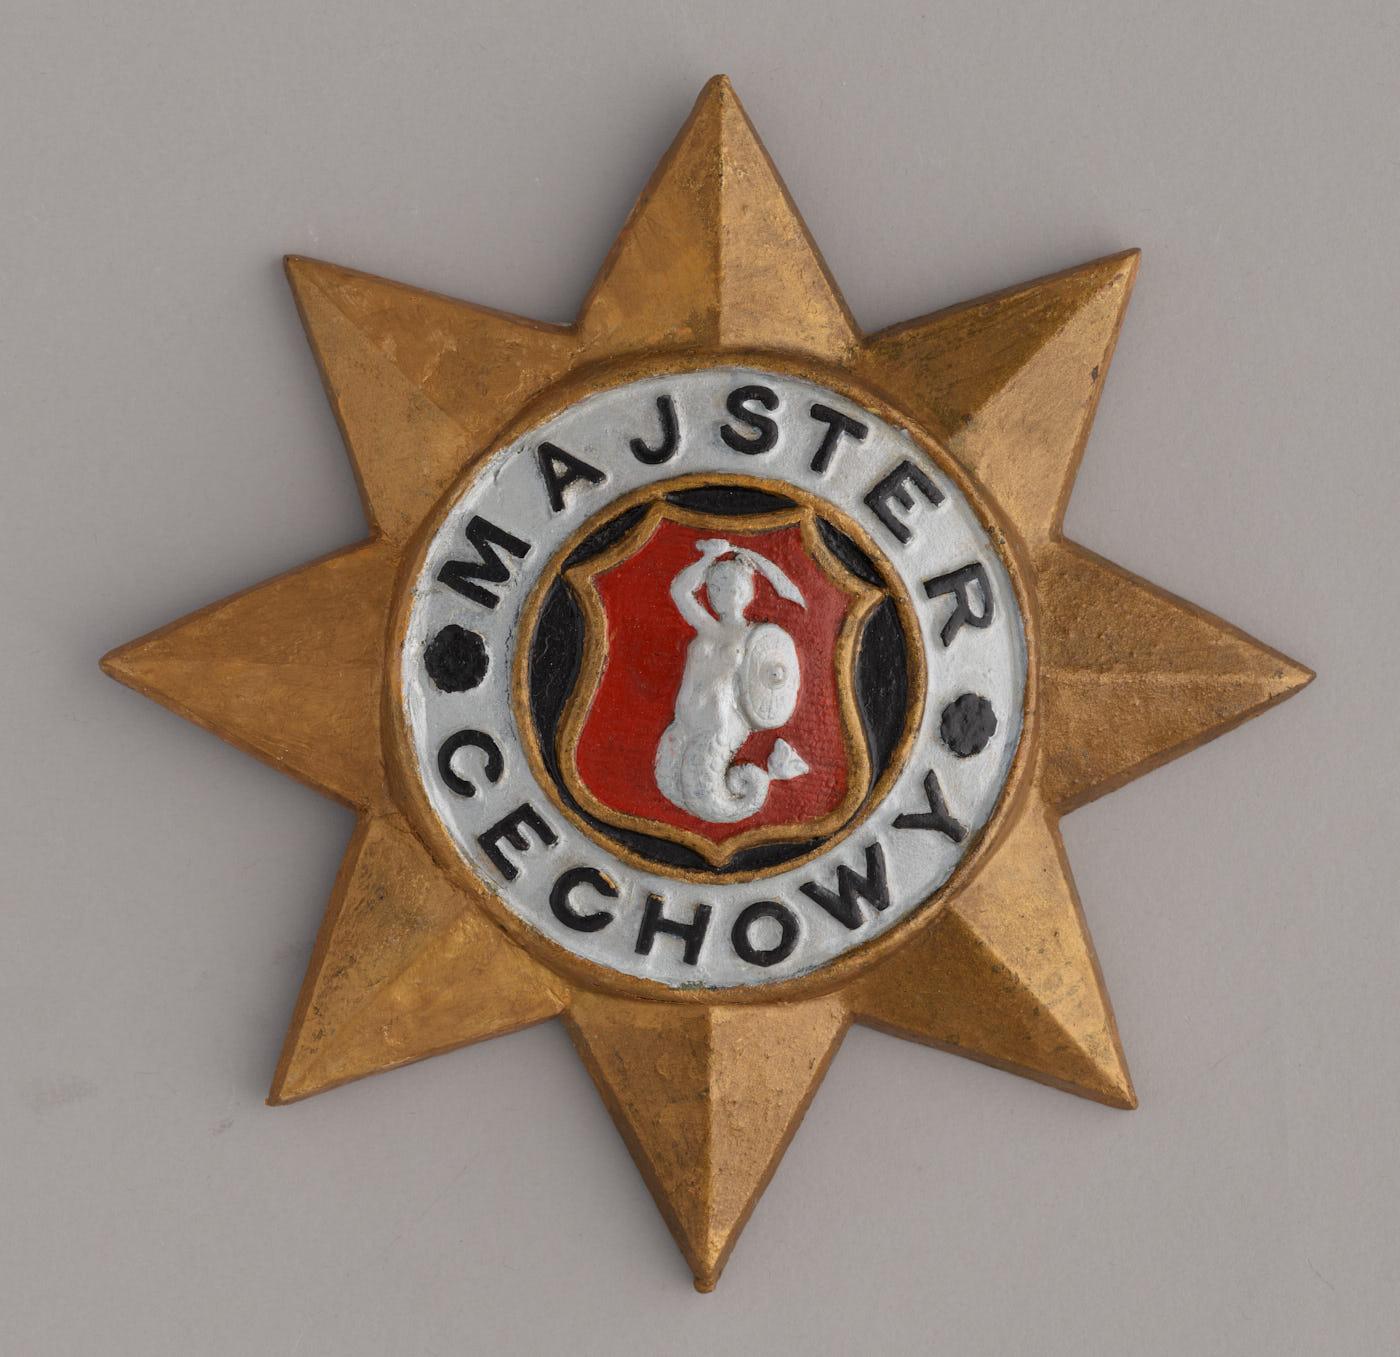 Żeliwna wywieszka wkształcie ośmioramiennej, złotej gwiazdy. Naśrodku herb Warszawy - biała syrena naczerwonym tle. Wokół herbu, nabiałym tle granatowy napis: Majster cechowy.